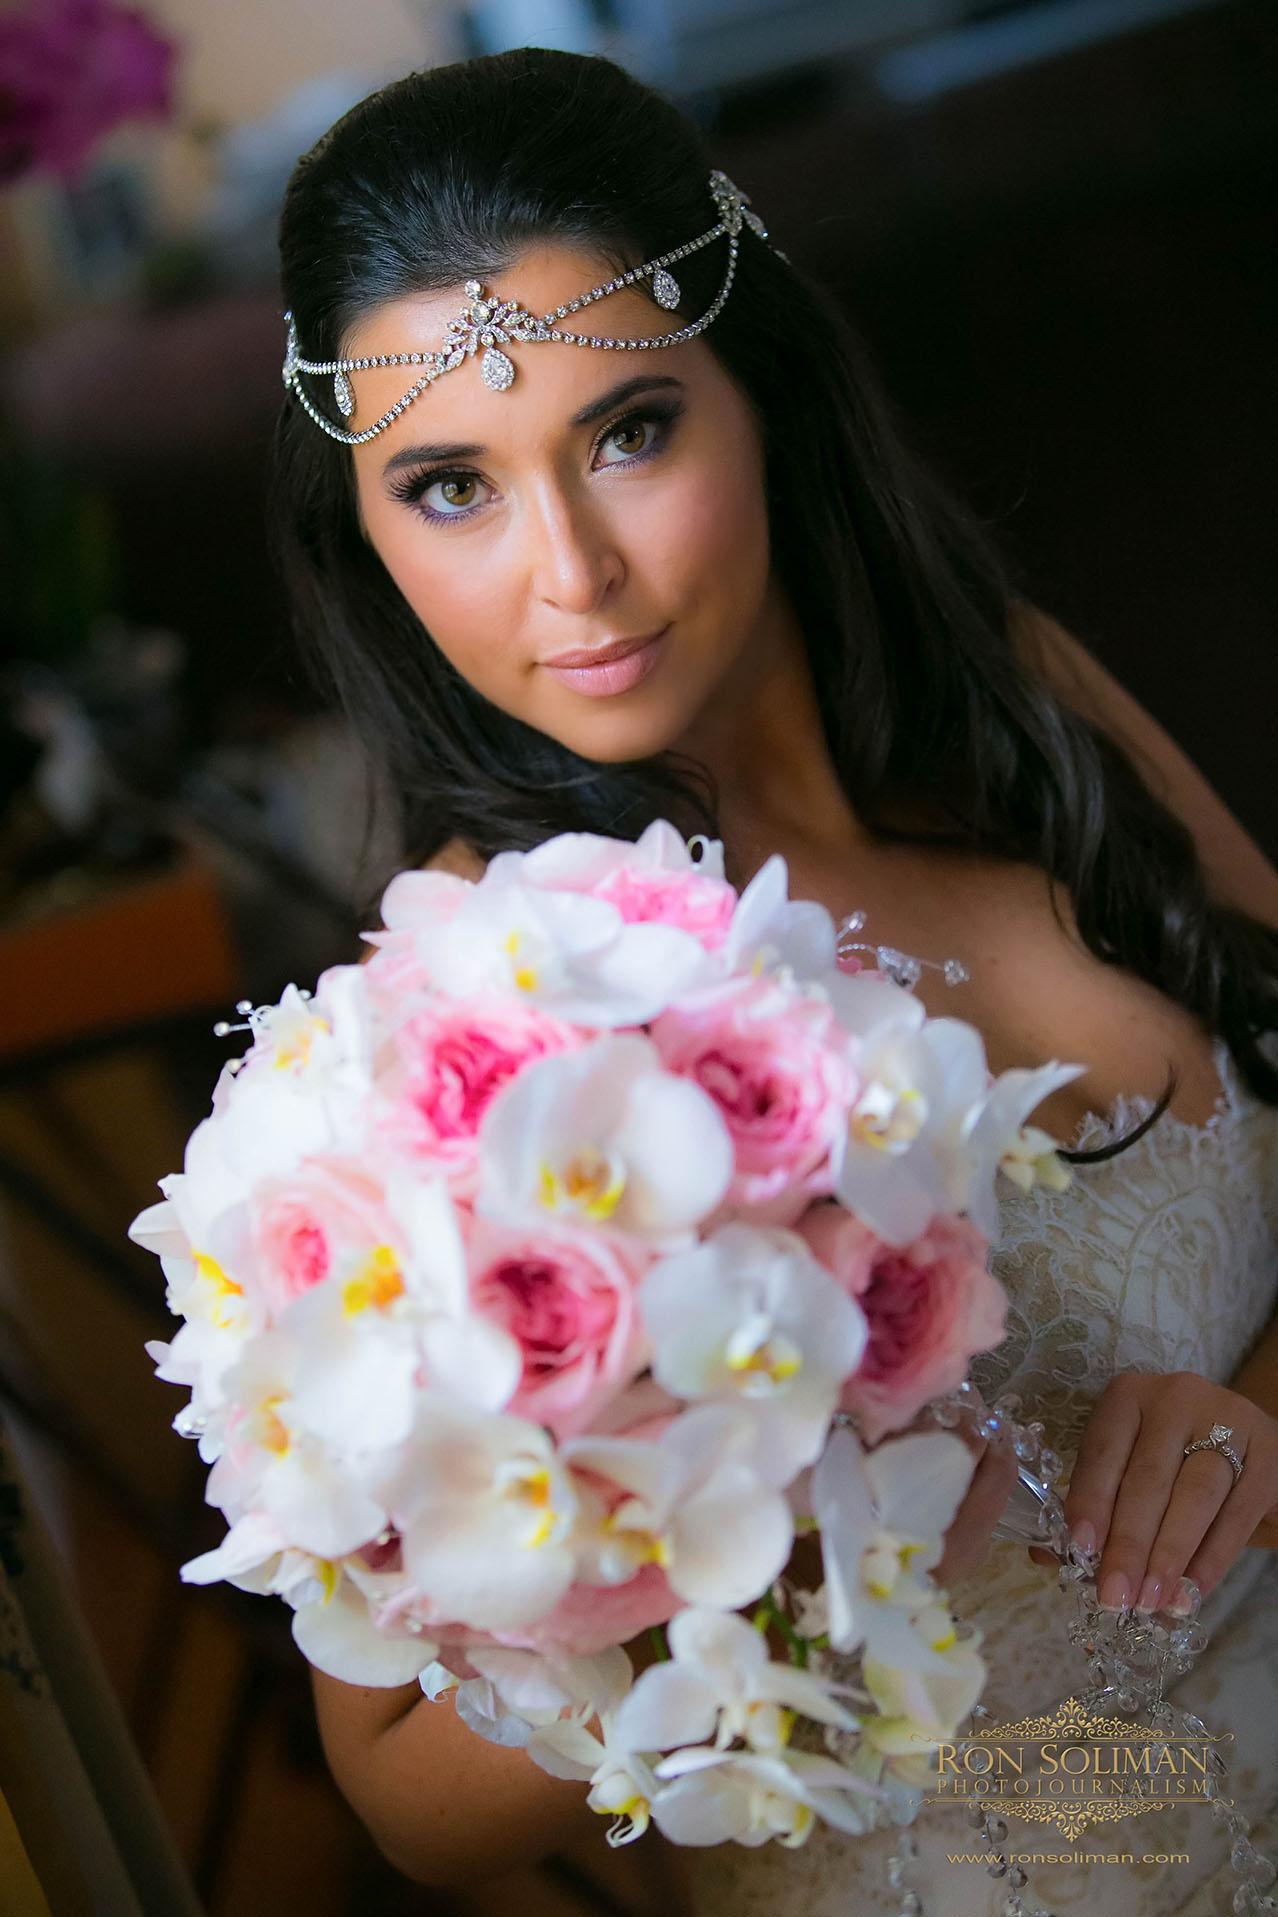 kim kardashian's wedding headband